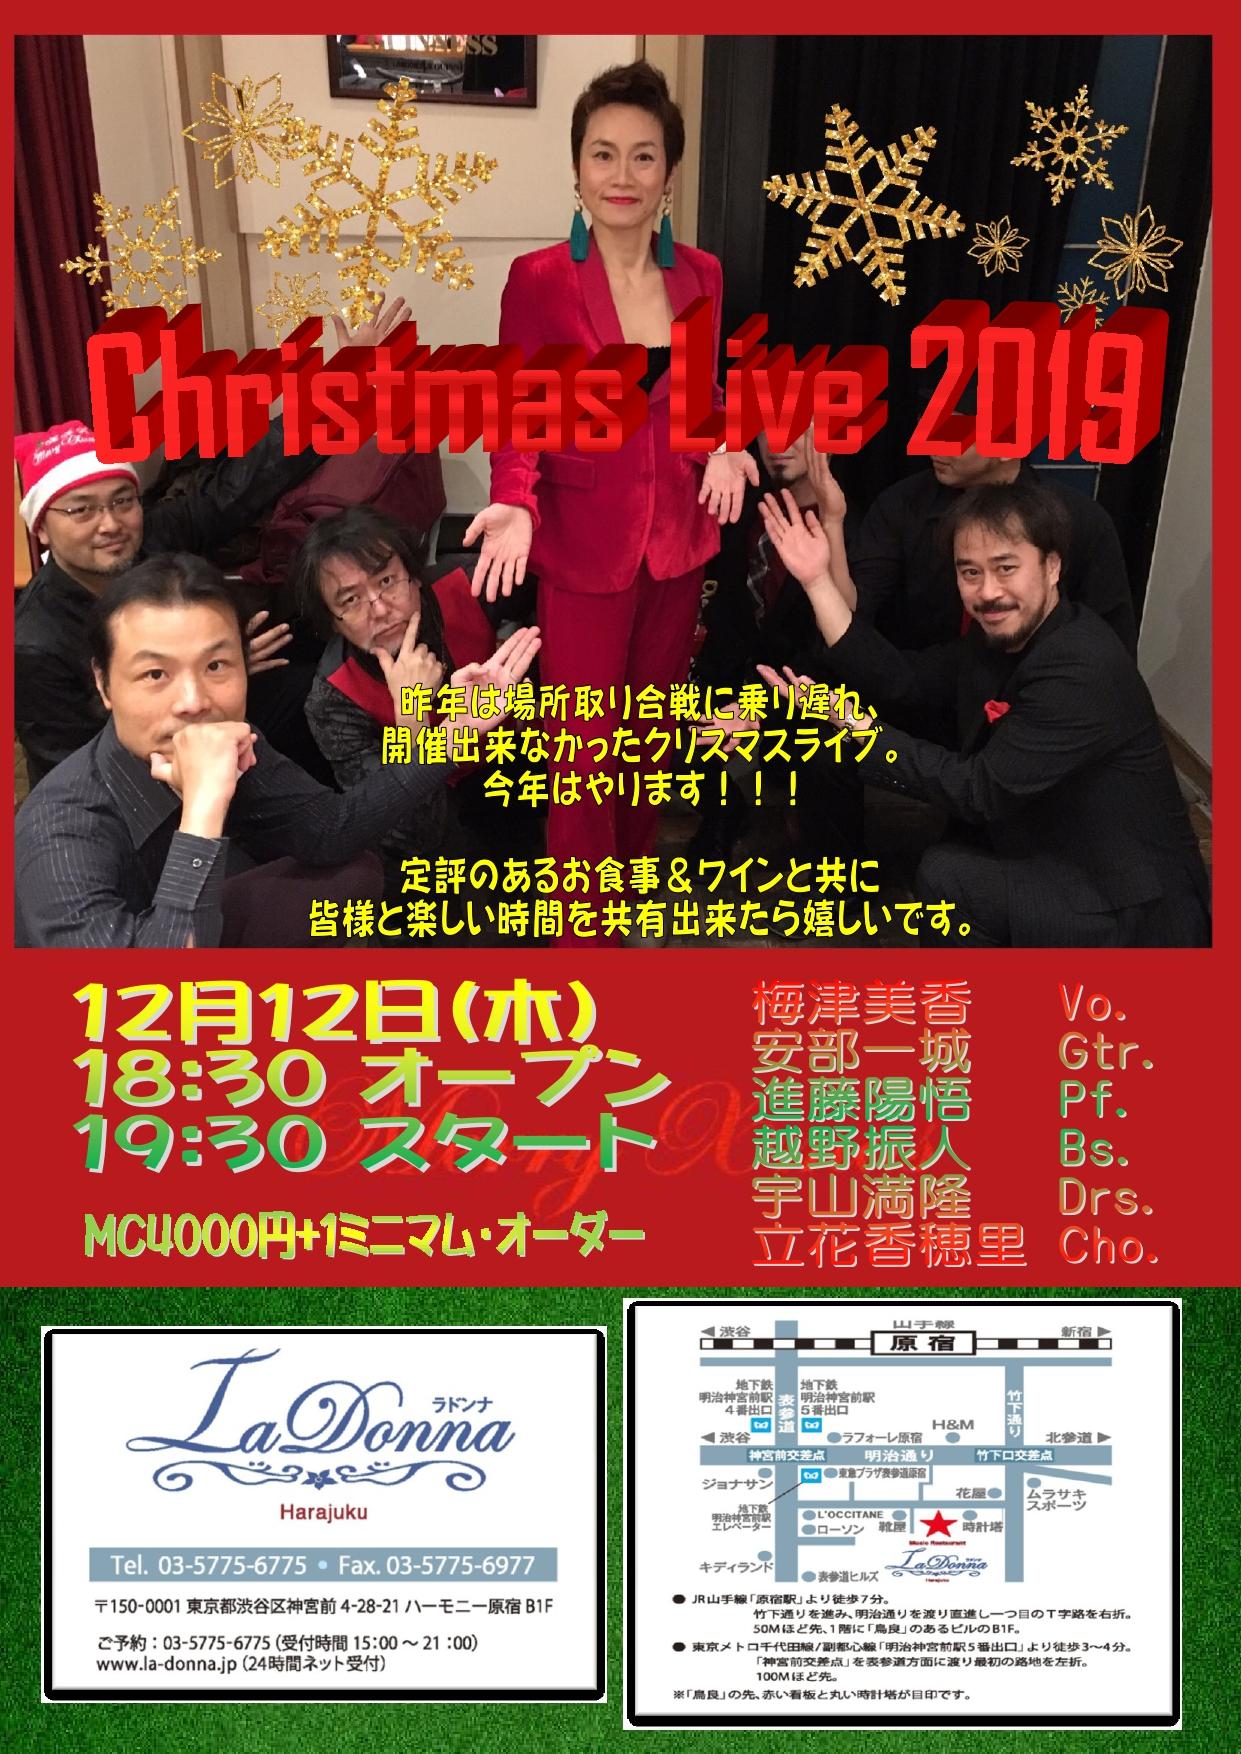 梅津美香 クリスマスライブ 2019